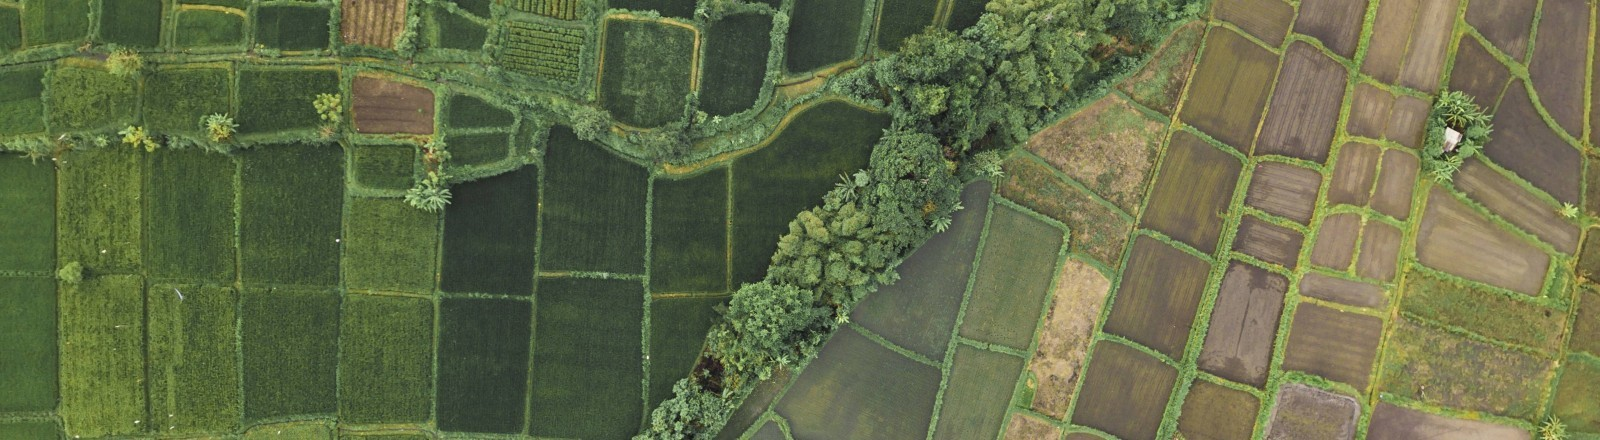 Reisfelder aus der Vogelperspektive